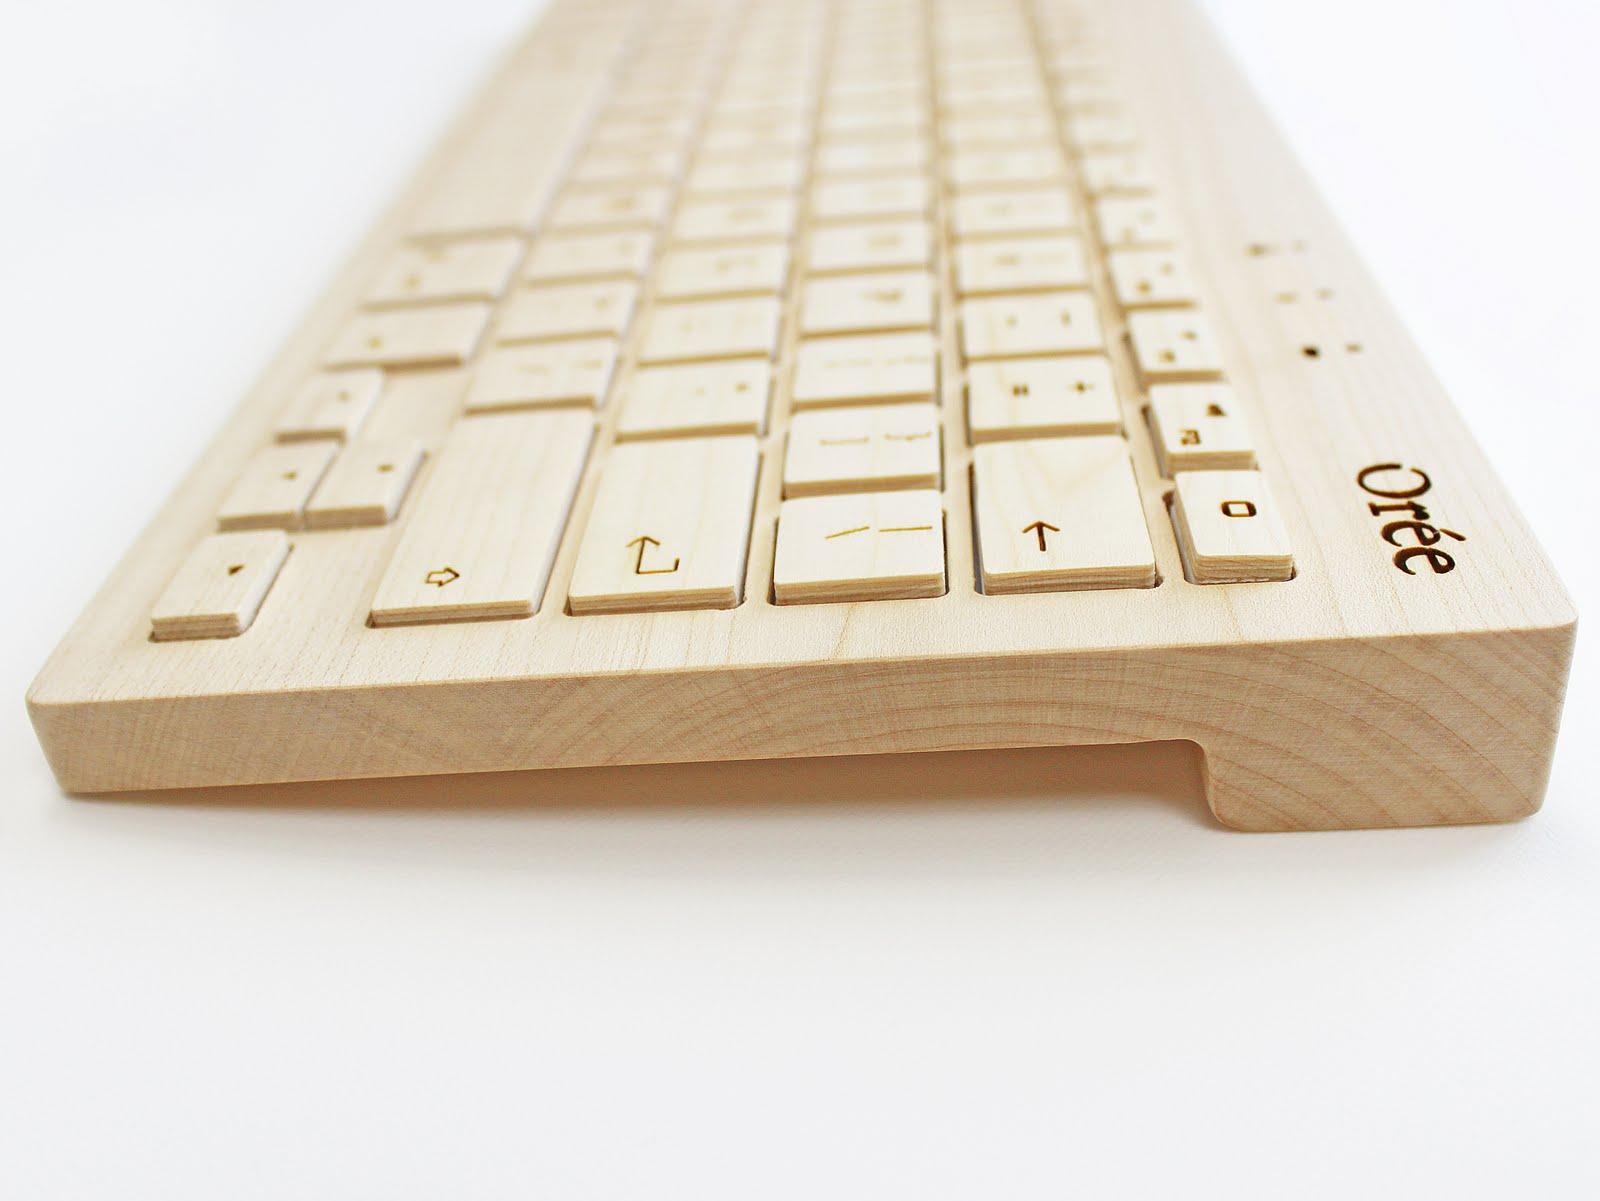 Oreeキーボード - 美しい年輪と文様